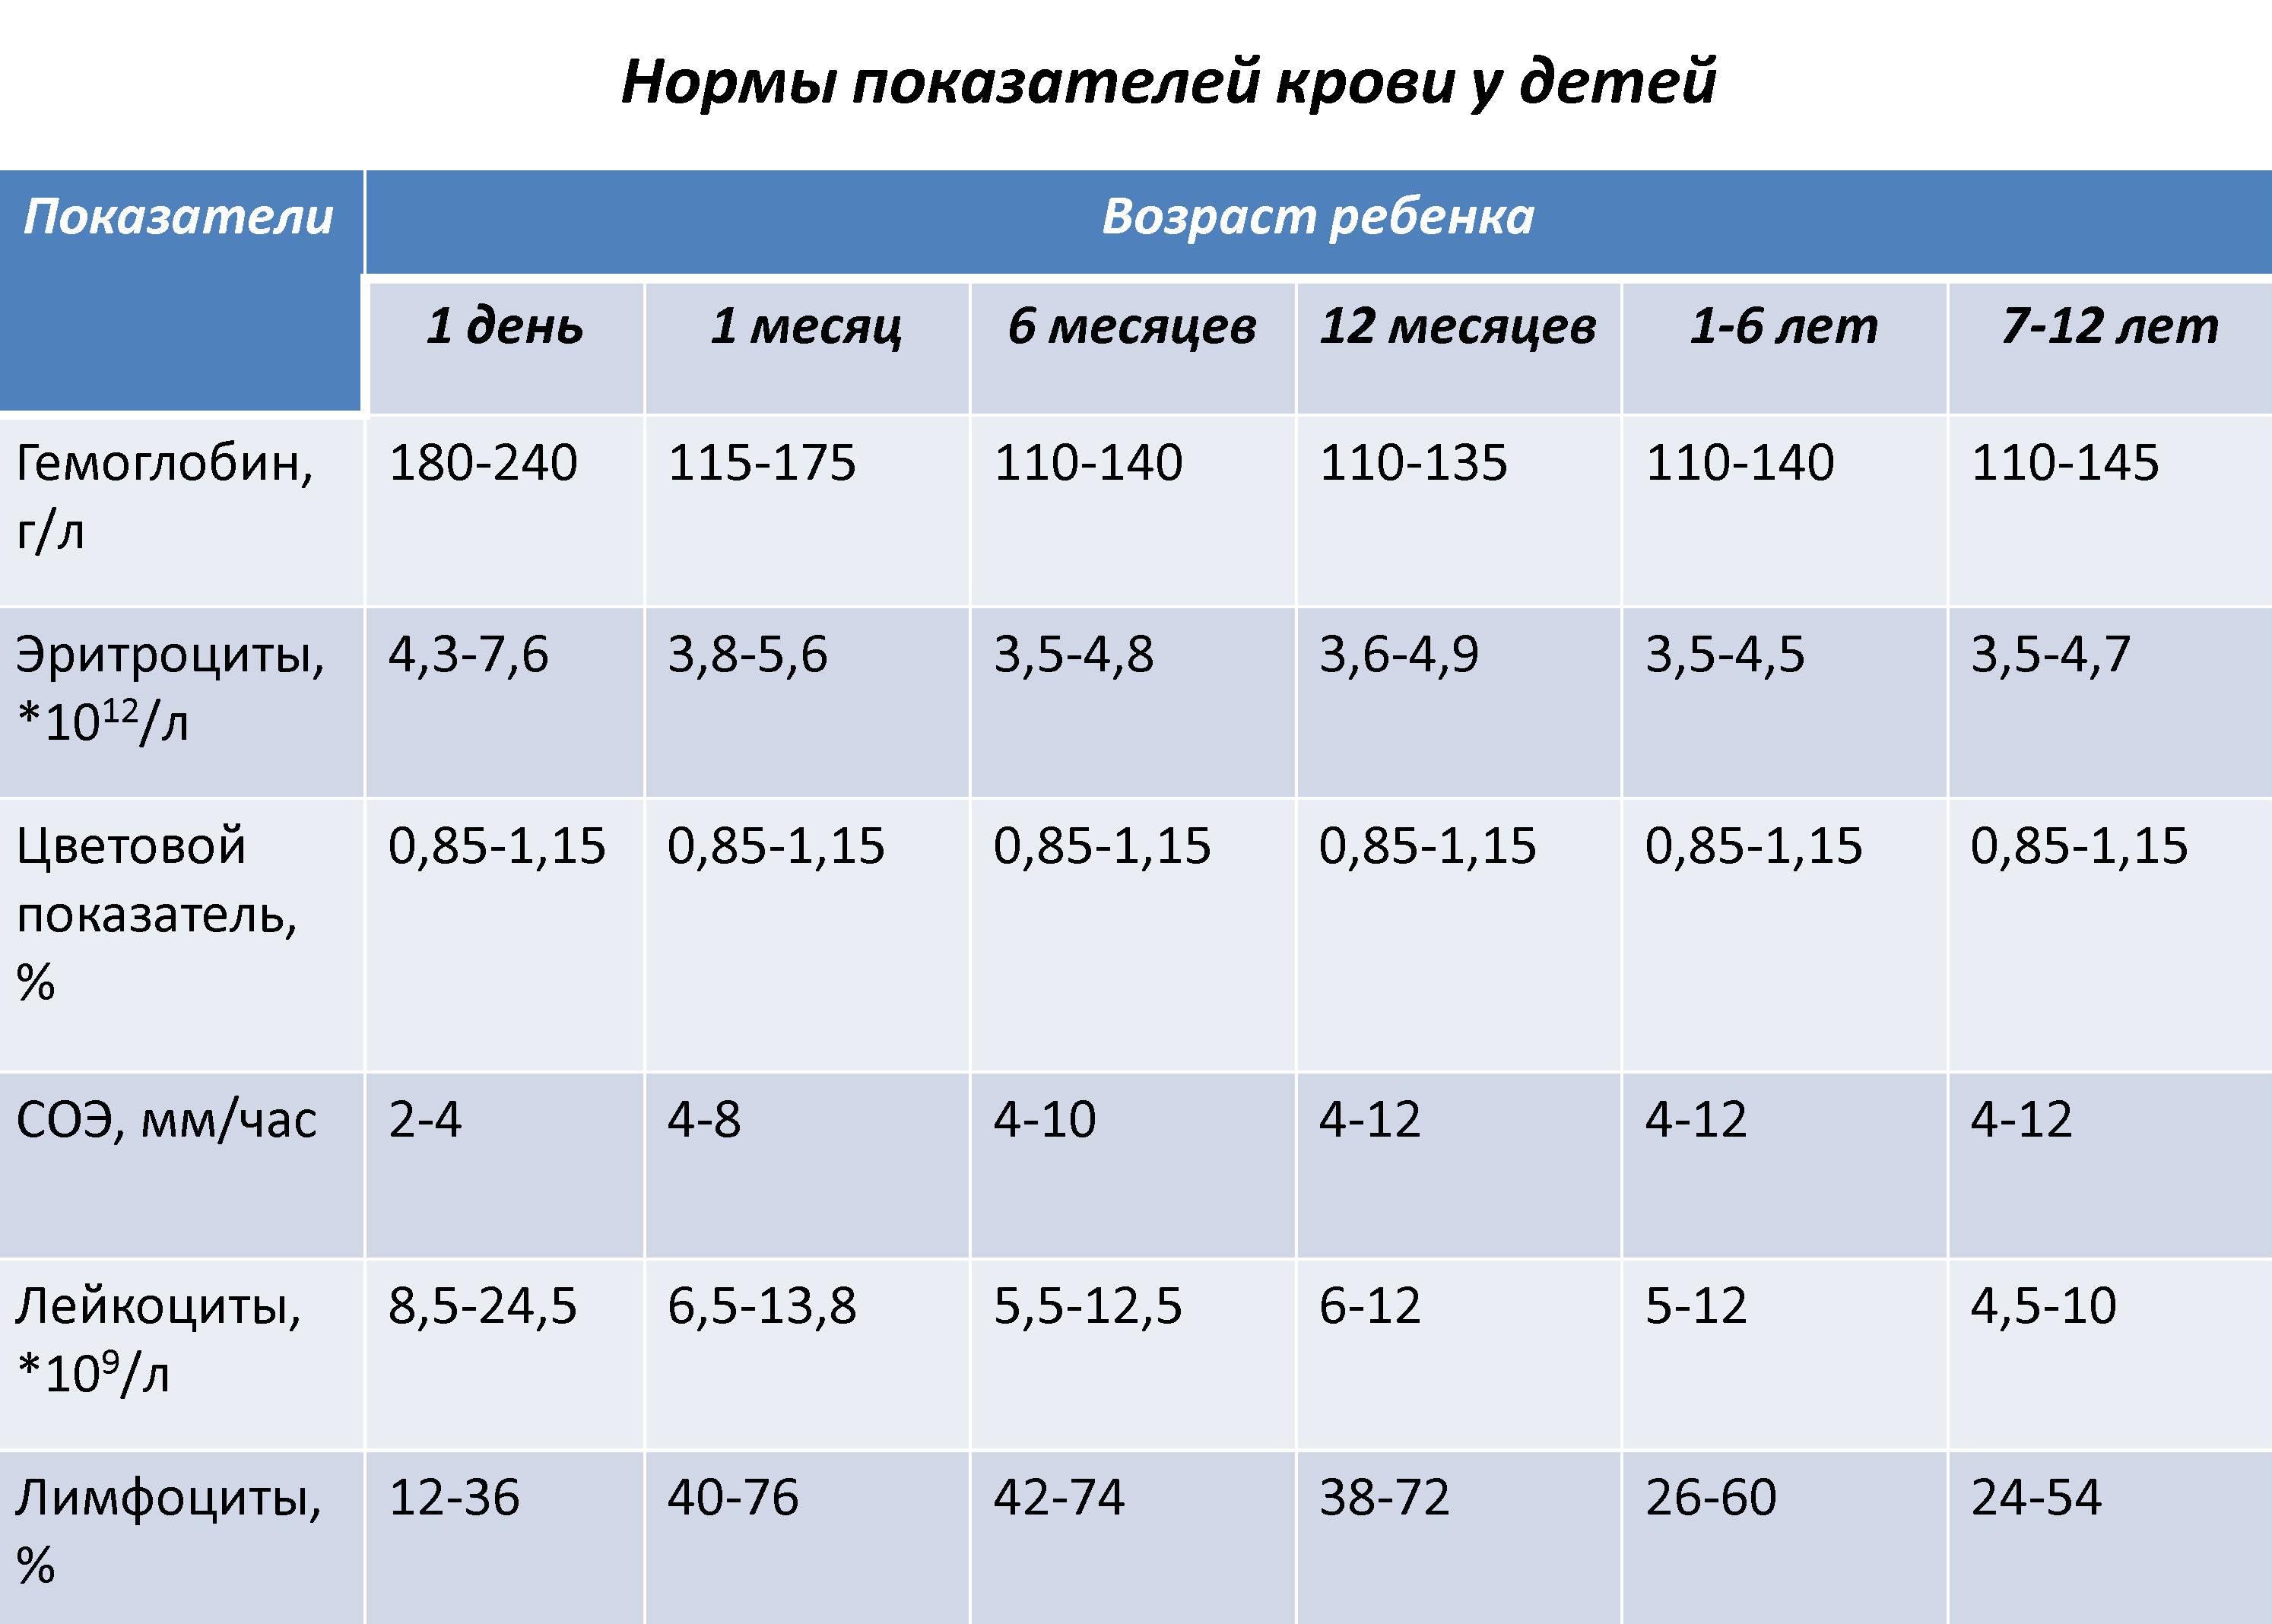 Основные причины пониженного и повышенного цветового показателя крови у детей